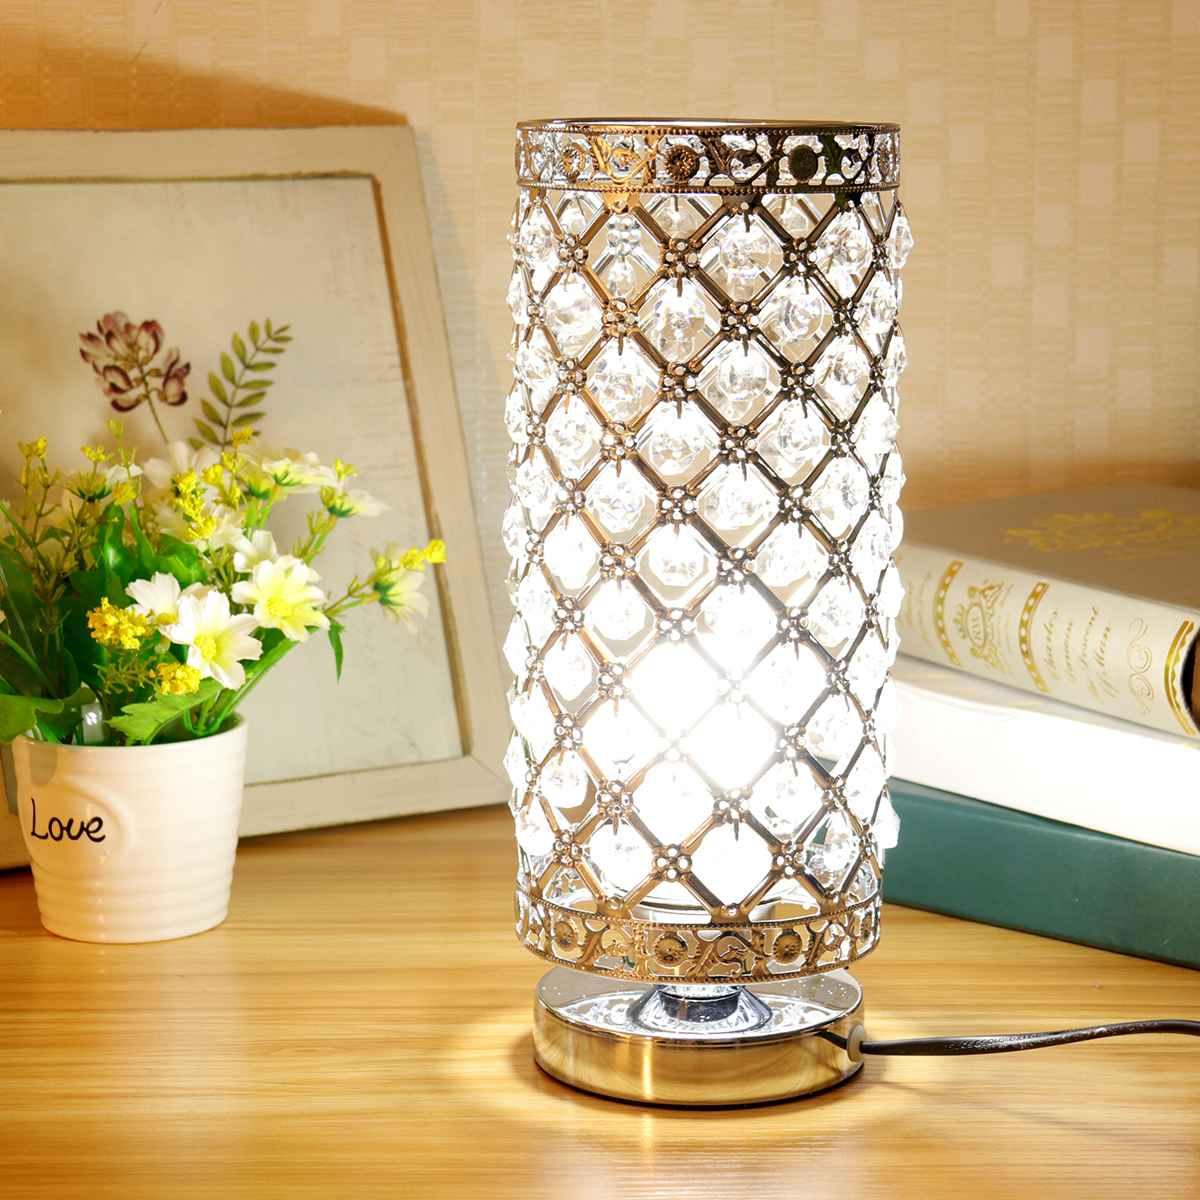 Nowoczesna kryształowa lampa biurkowa lampka nocna lampka nocna E27 uchwyt dekoracja do domu do sypialni regulowane oświetlenie wewnętrzne